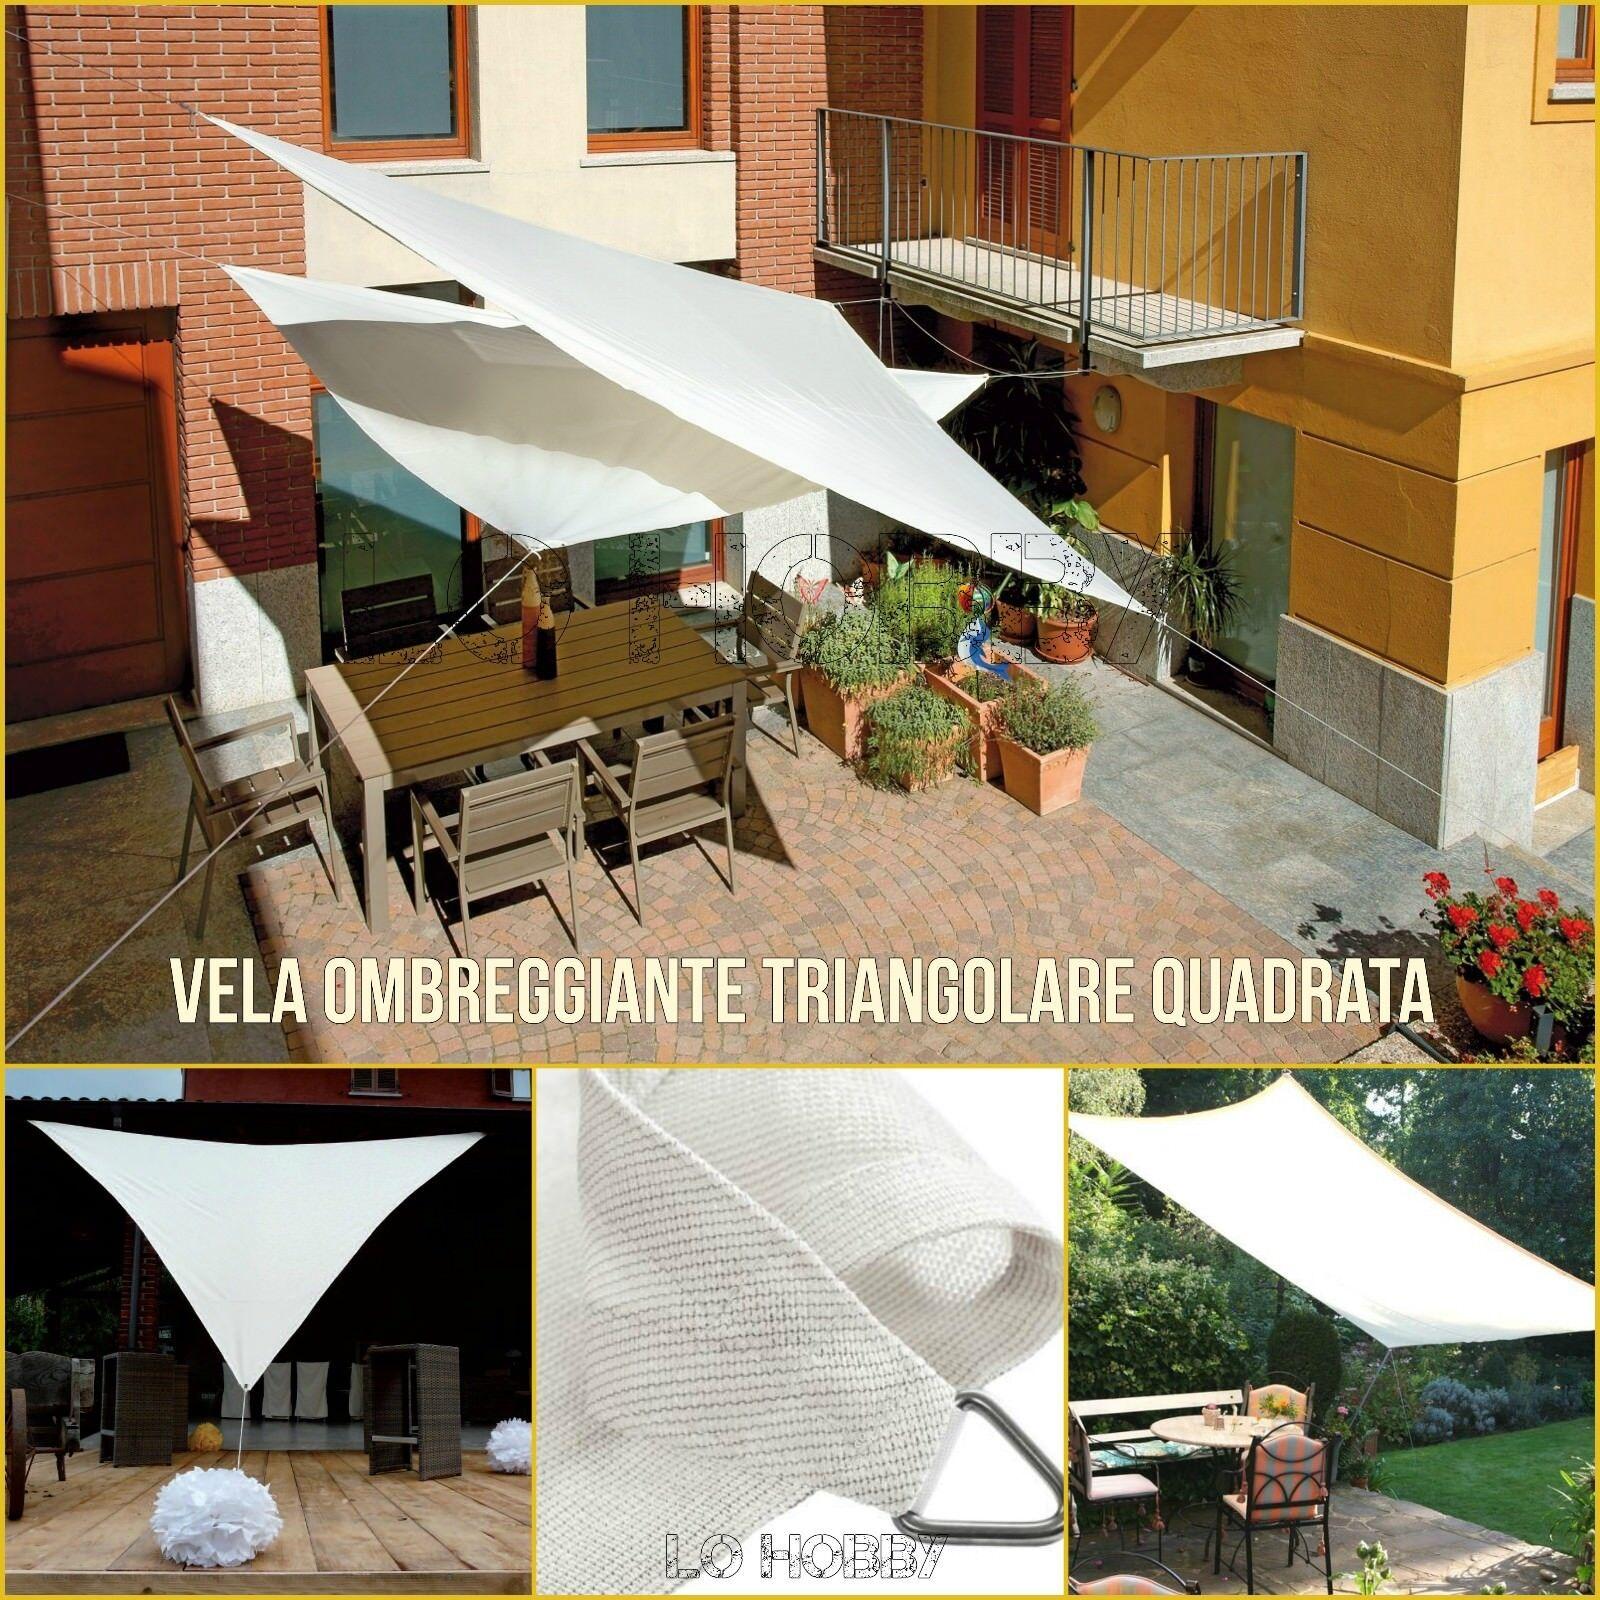 Vela Triangolare Da Giardino dettagli su vela ombreggiante bianca da giardino vele tenda da sole telo  parasole ombra teli